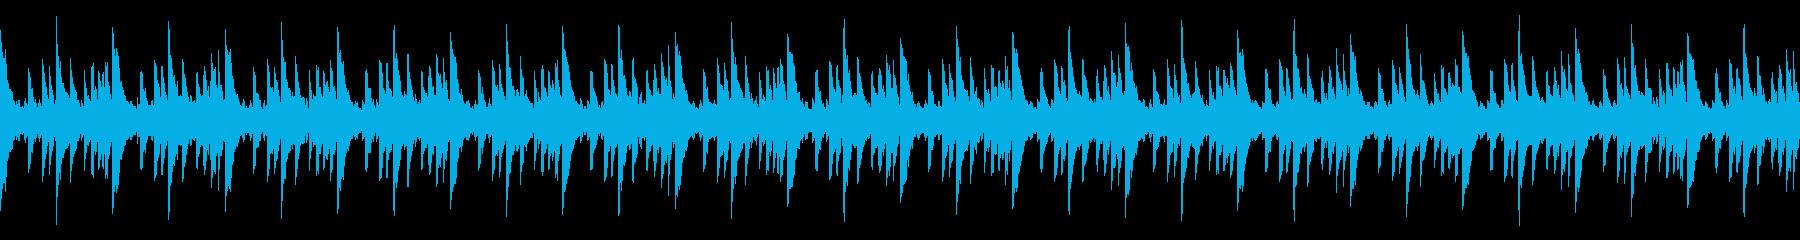 幻想的な時を演出するループソロピアノ曲の再生済みの波形